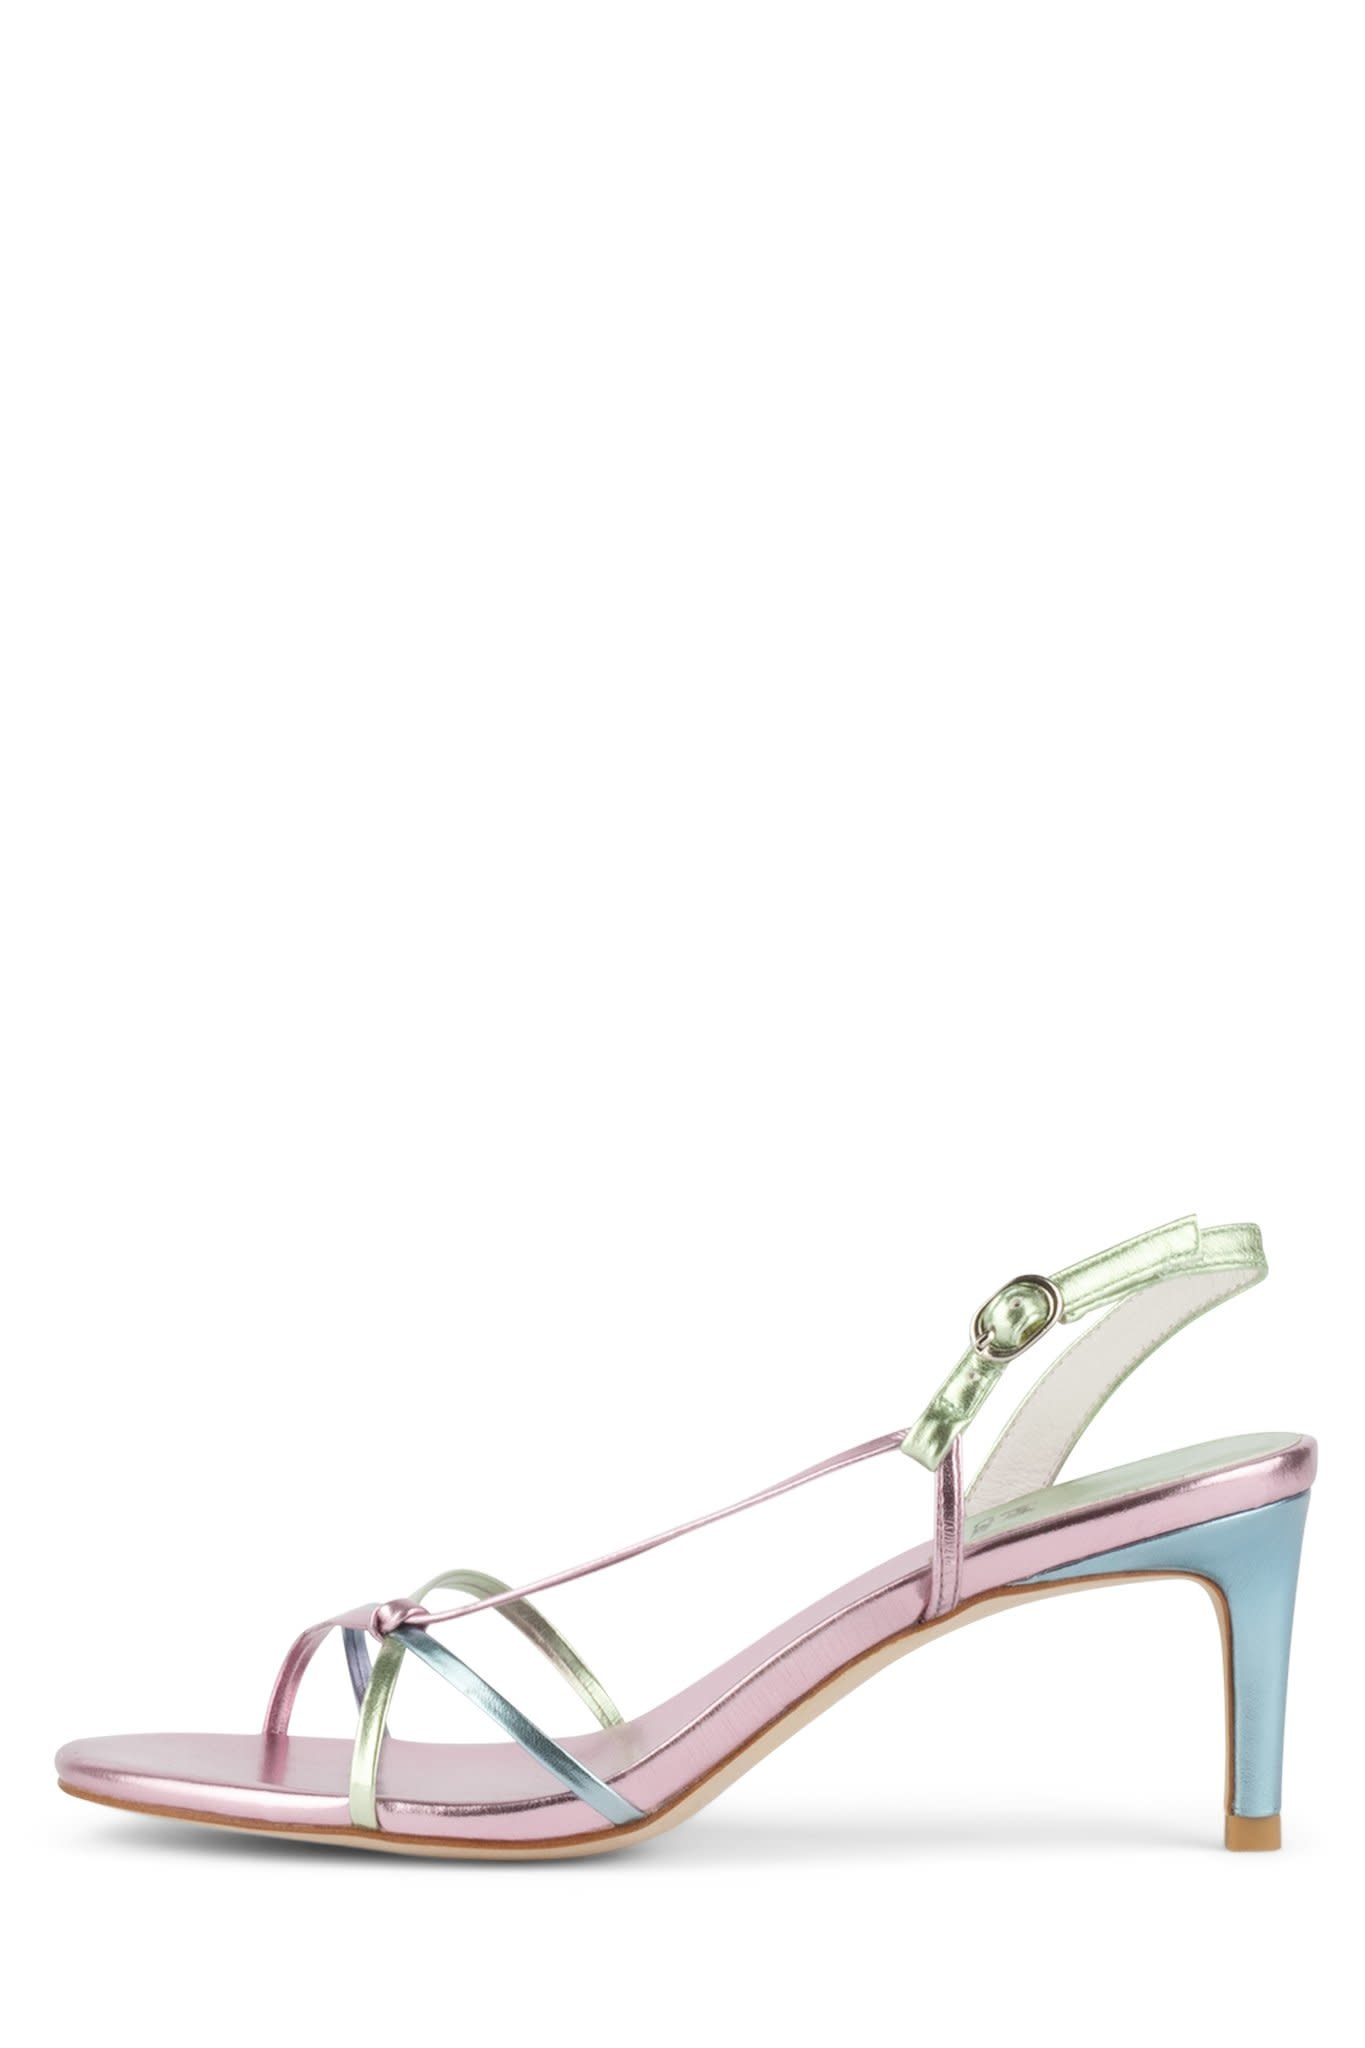 Jeffrey Campbell Hestia Pastel Metallic Sandal